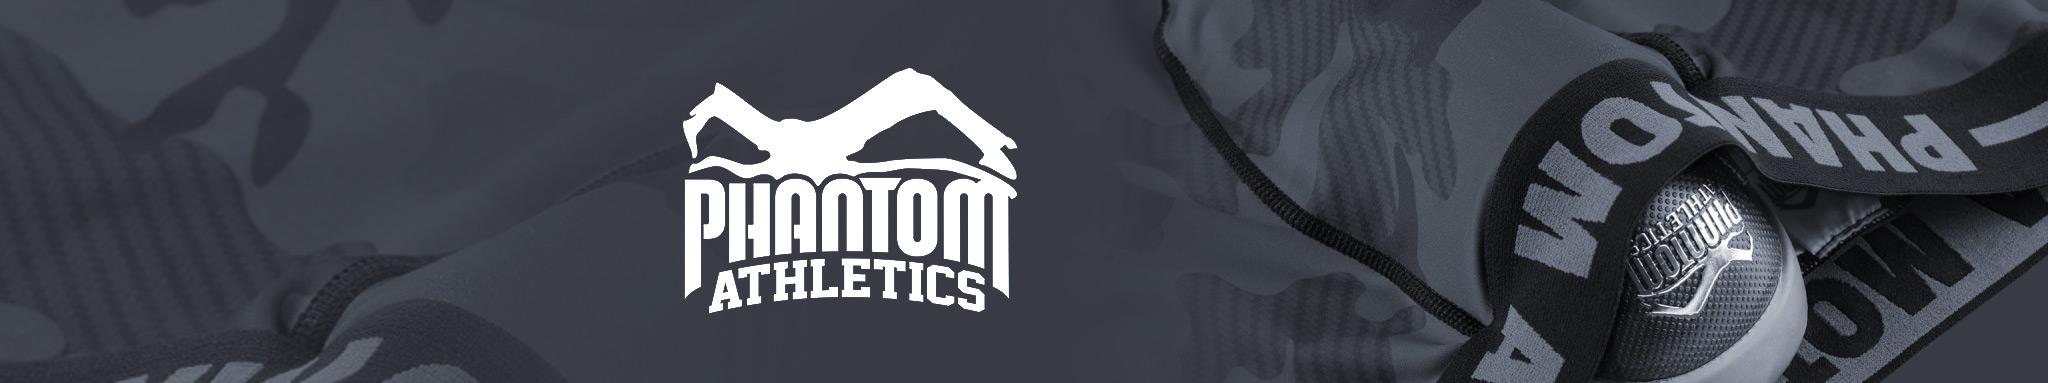 Phantom Athletics : vêtements, équipements & accessoires de la marque Phantom Athletics | Dragon Bleu